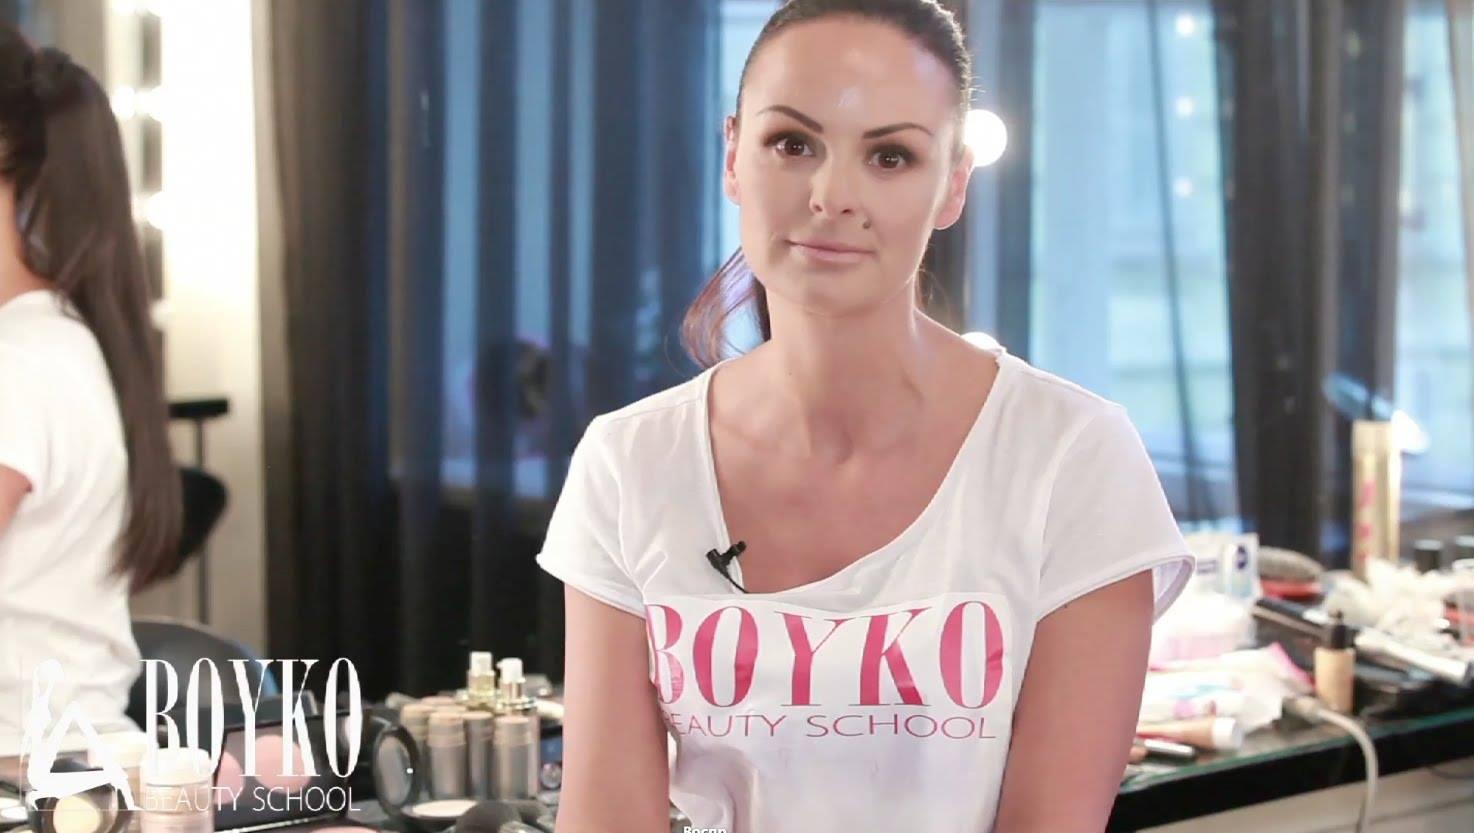 Секреты мастера: интервью со звездным визажистом Татьяной Бойко